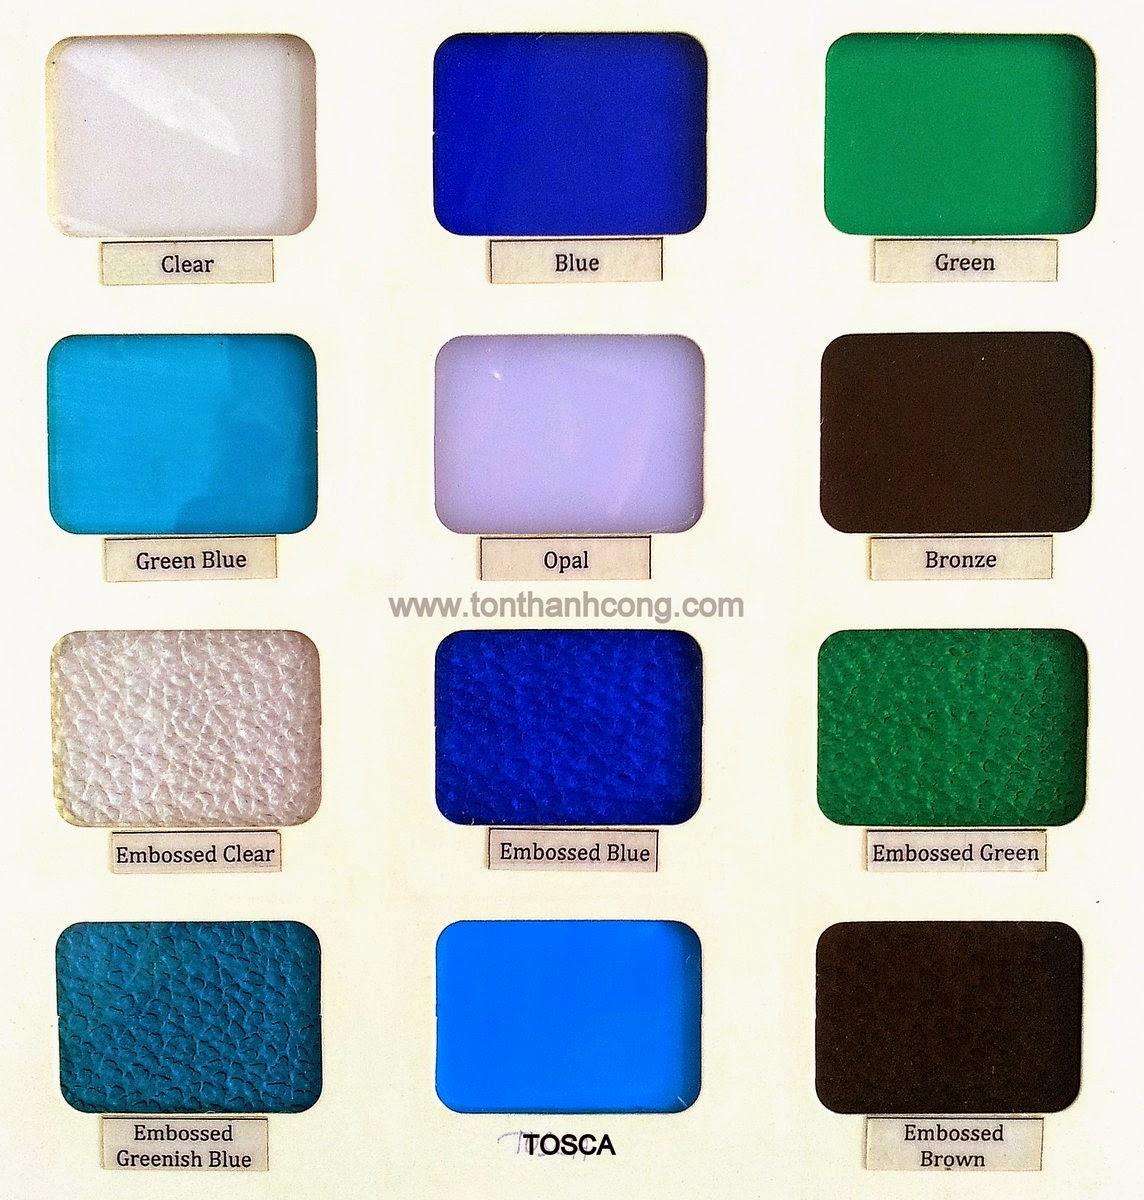 Tấm lợp lấy sáng thông minh polycarbonate đặc ruột dày 3mm ảnh catalog mã màu